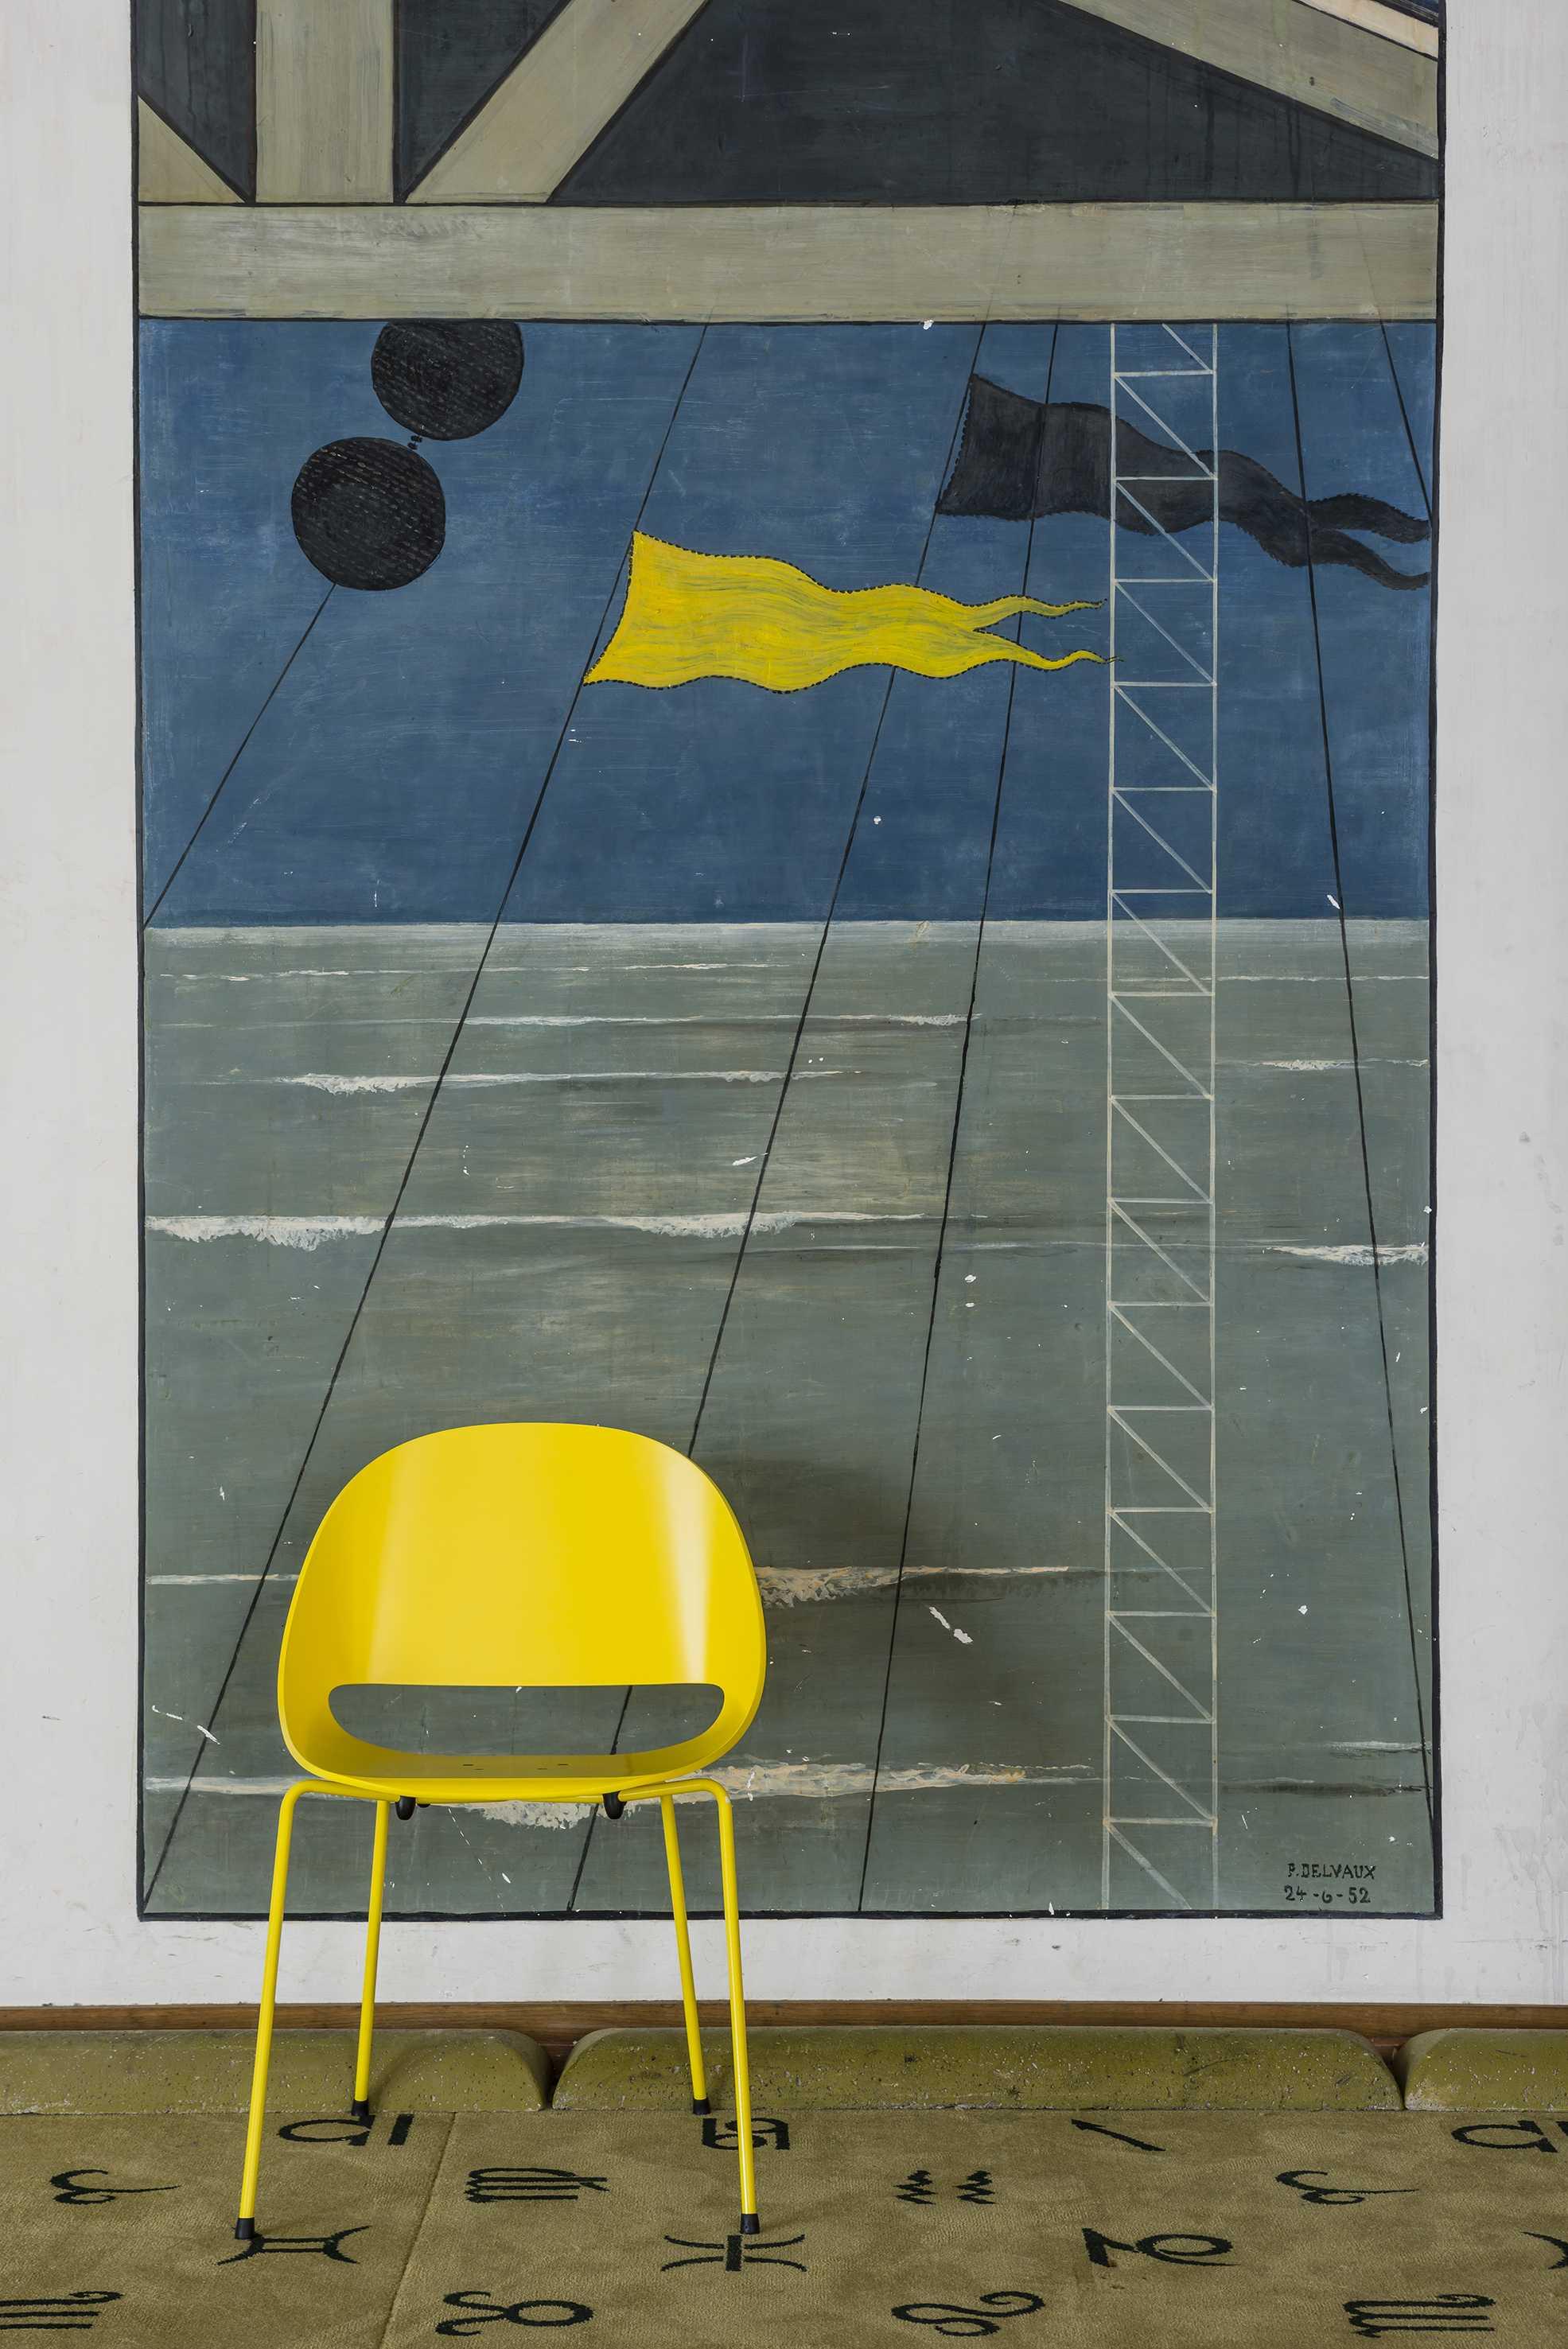 BULO_Ostende_chair_SL58_designer_Leon_Stynen_897_credit_VERNE